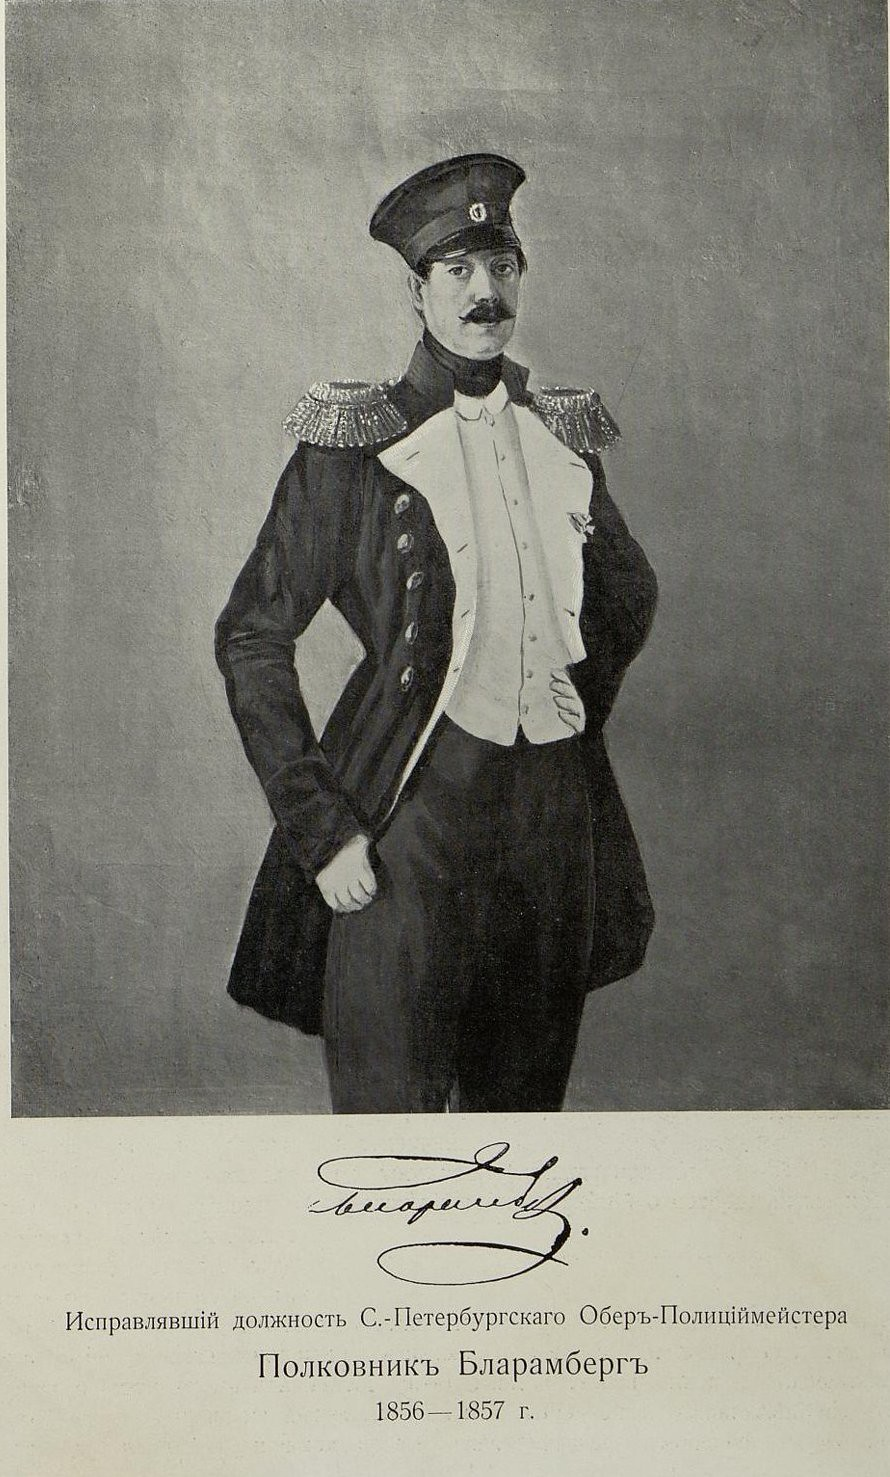 16. Портрет полковника Бларамберга